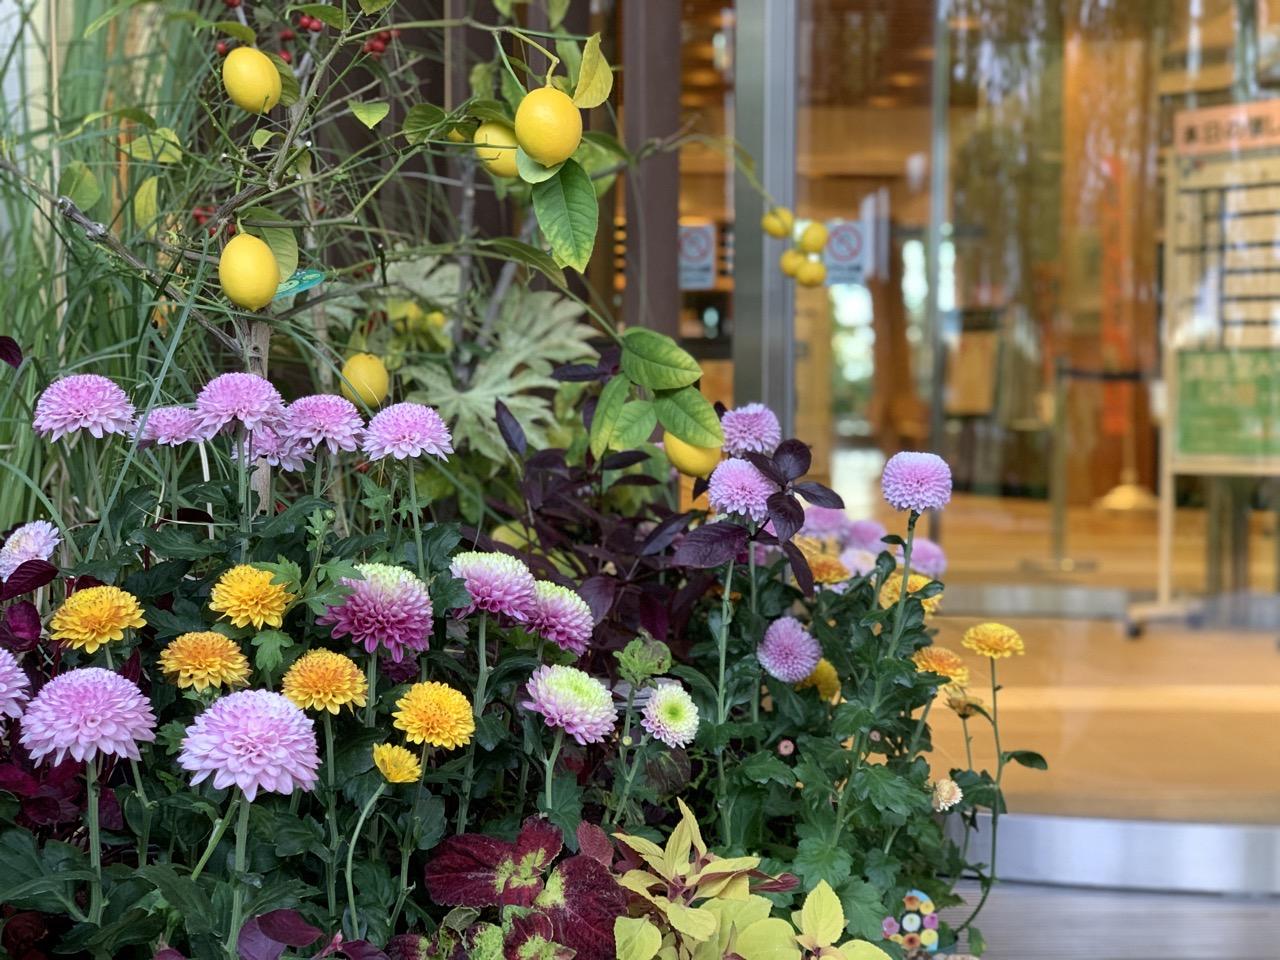 いくとぴあ食花|食育・花育センターの雰囲気について